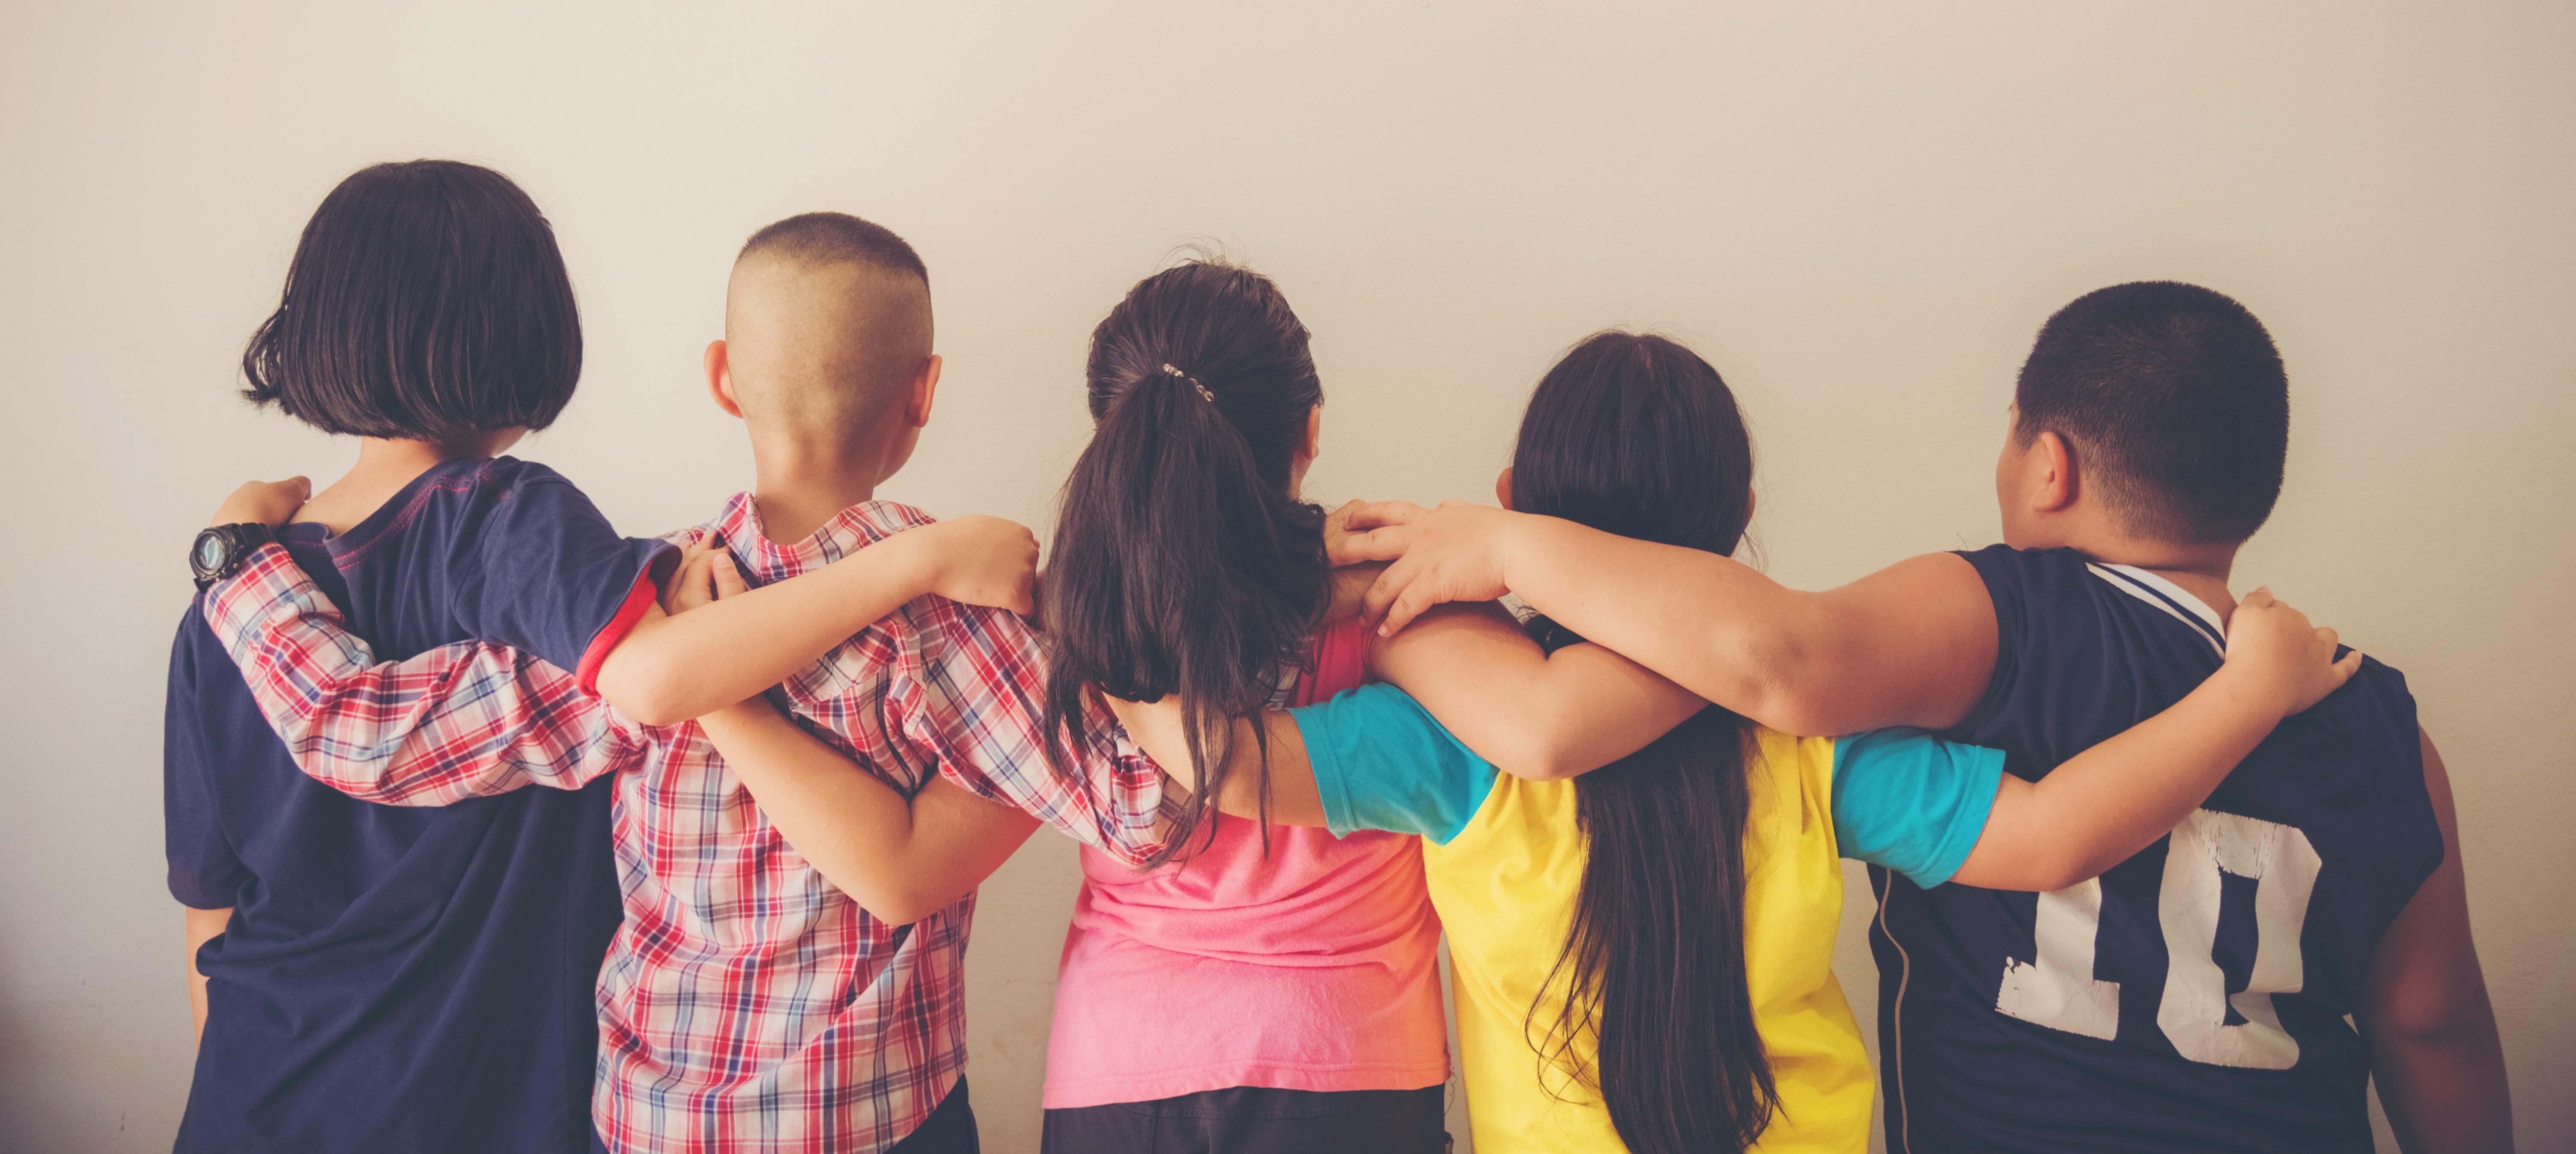 50 игри и упражения за по-добра концентрация - упражнение 2